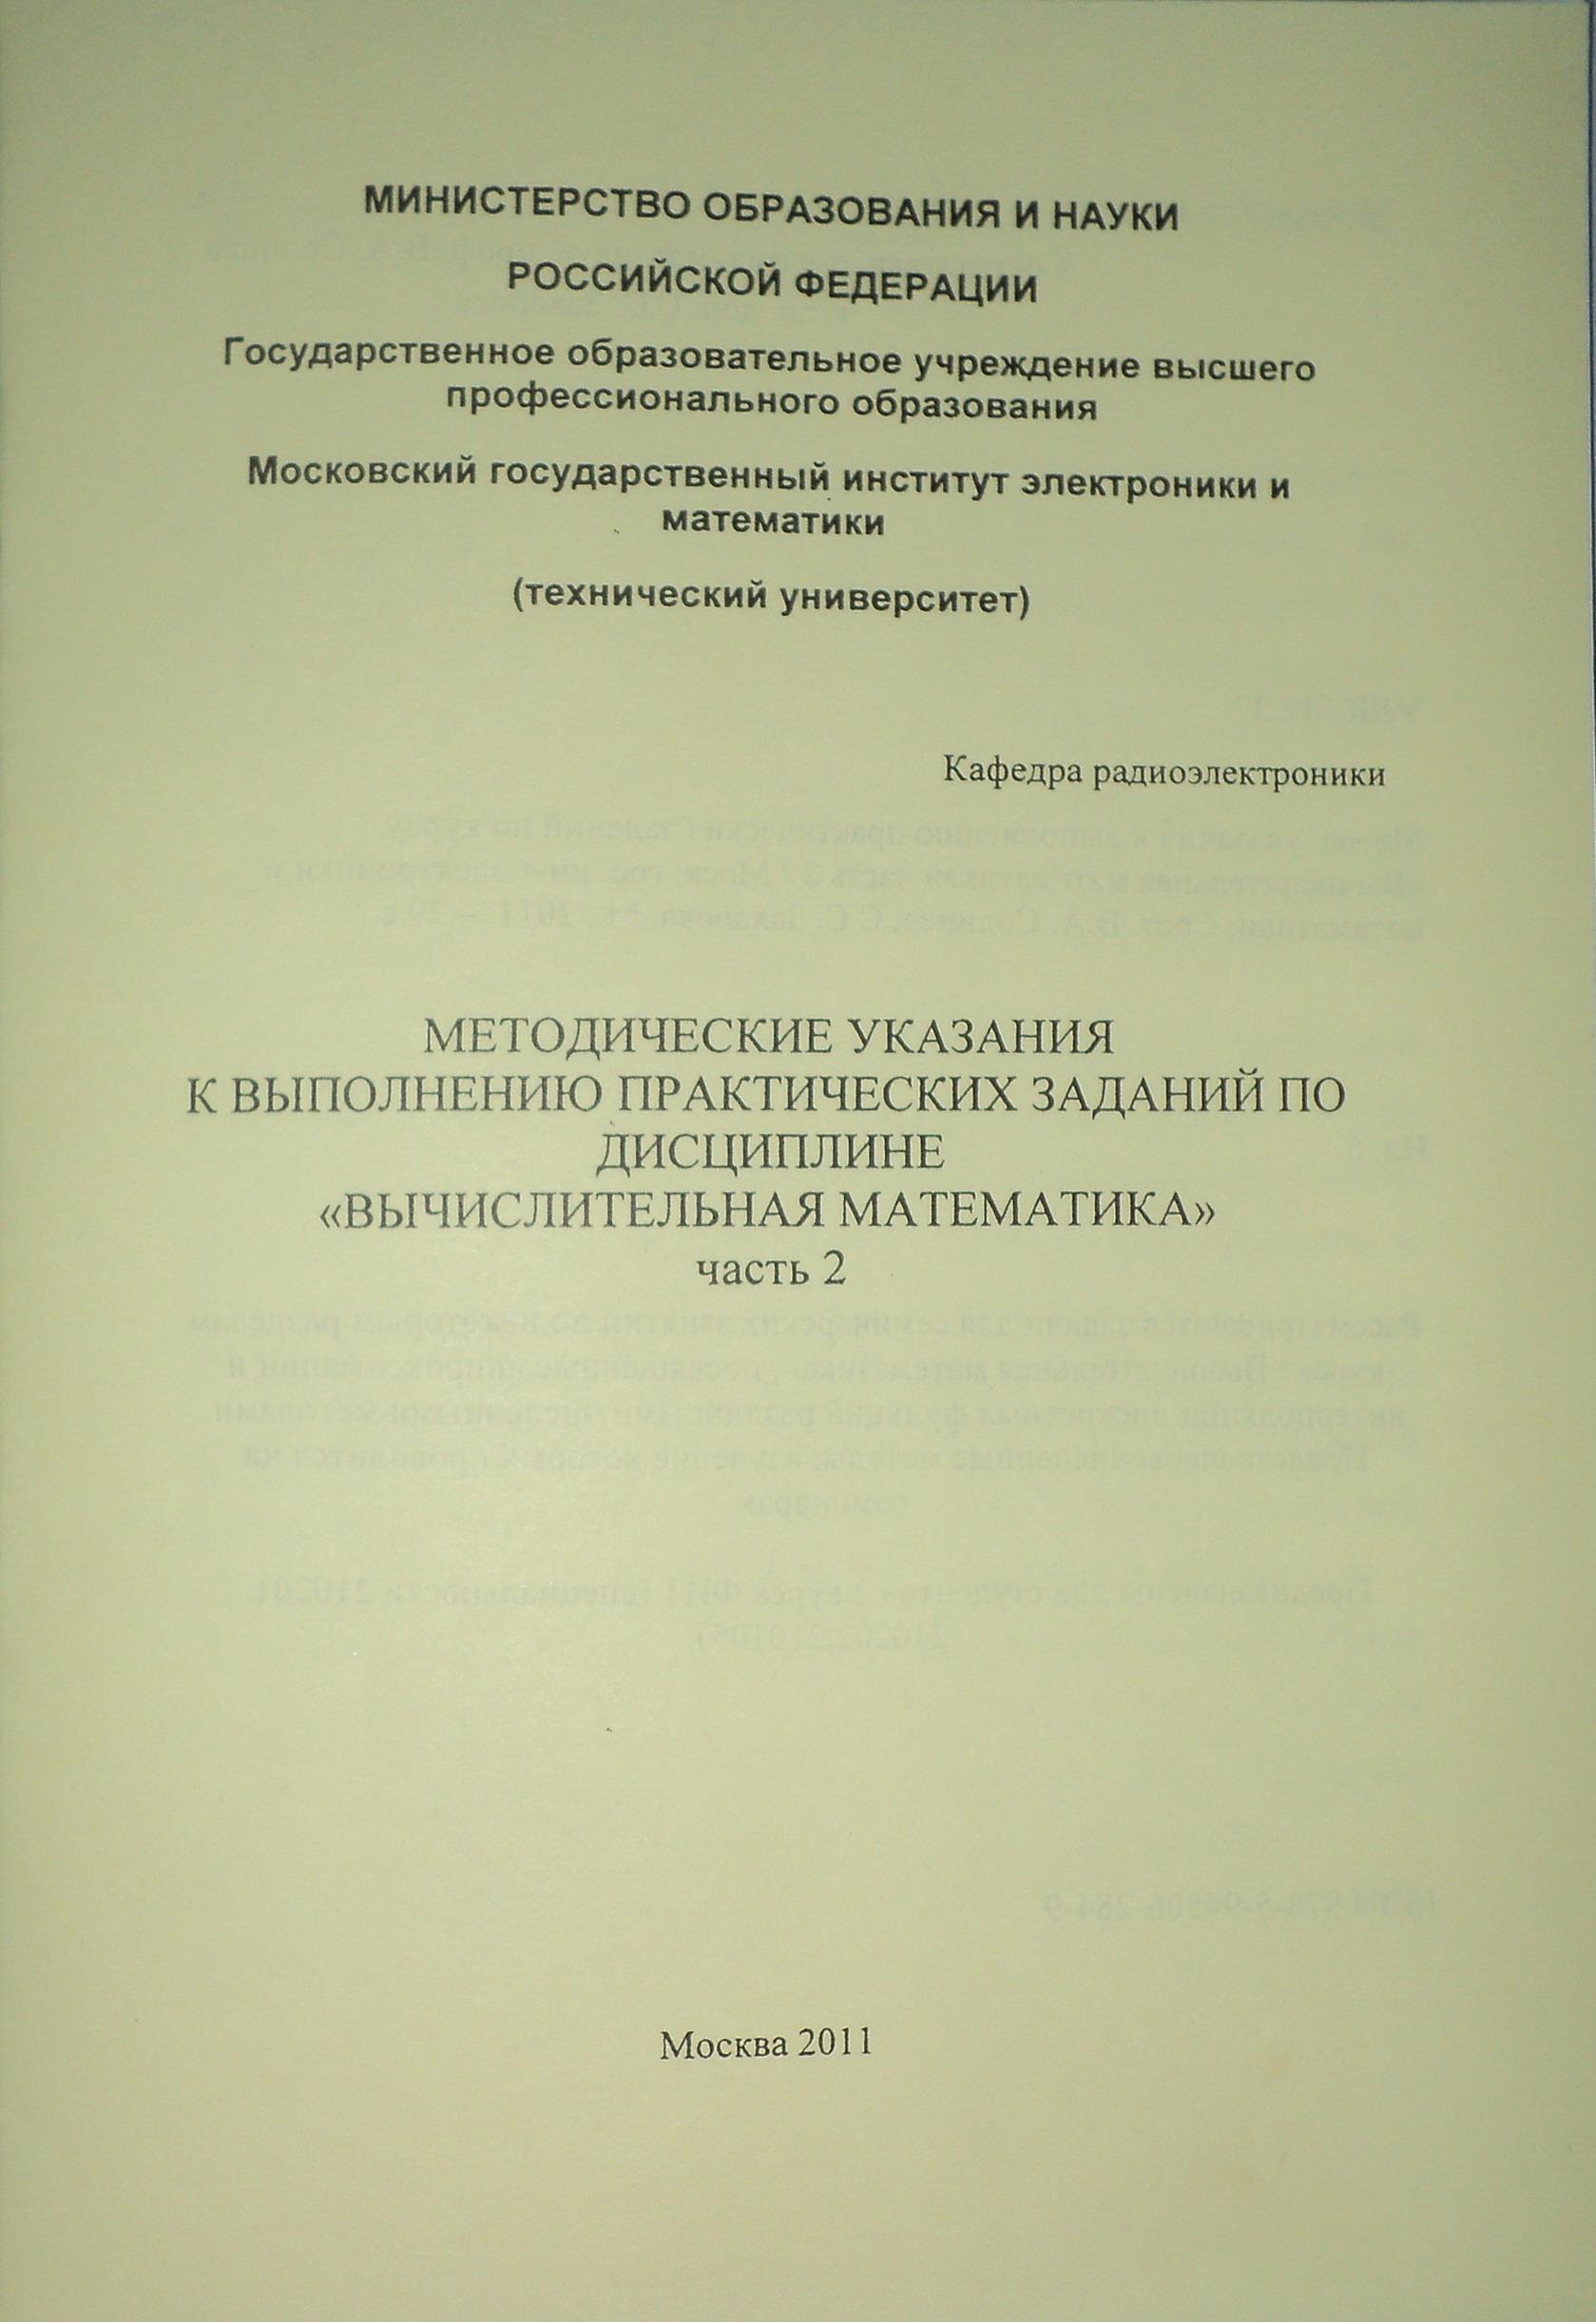 Методические указания к выполнению практических заданий по дисциплине «Вычислительная математика». Часть 2